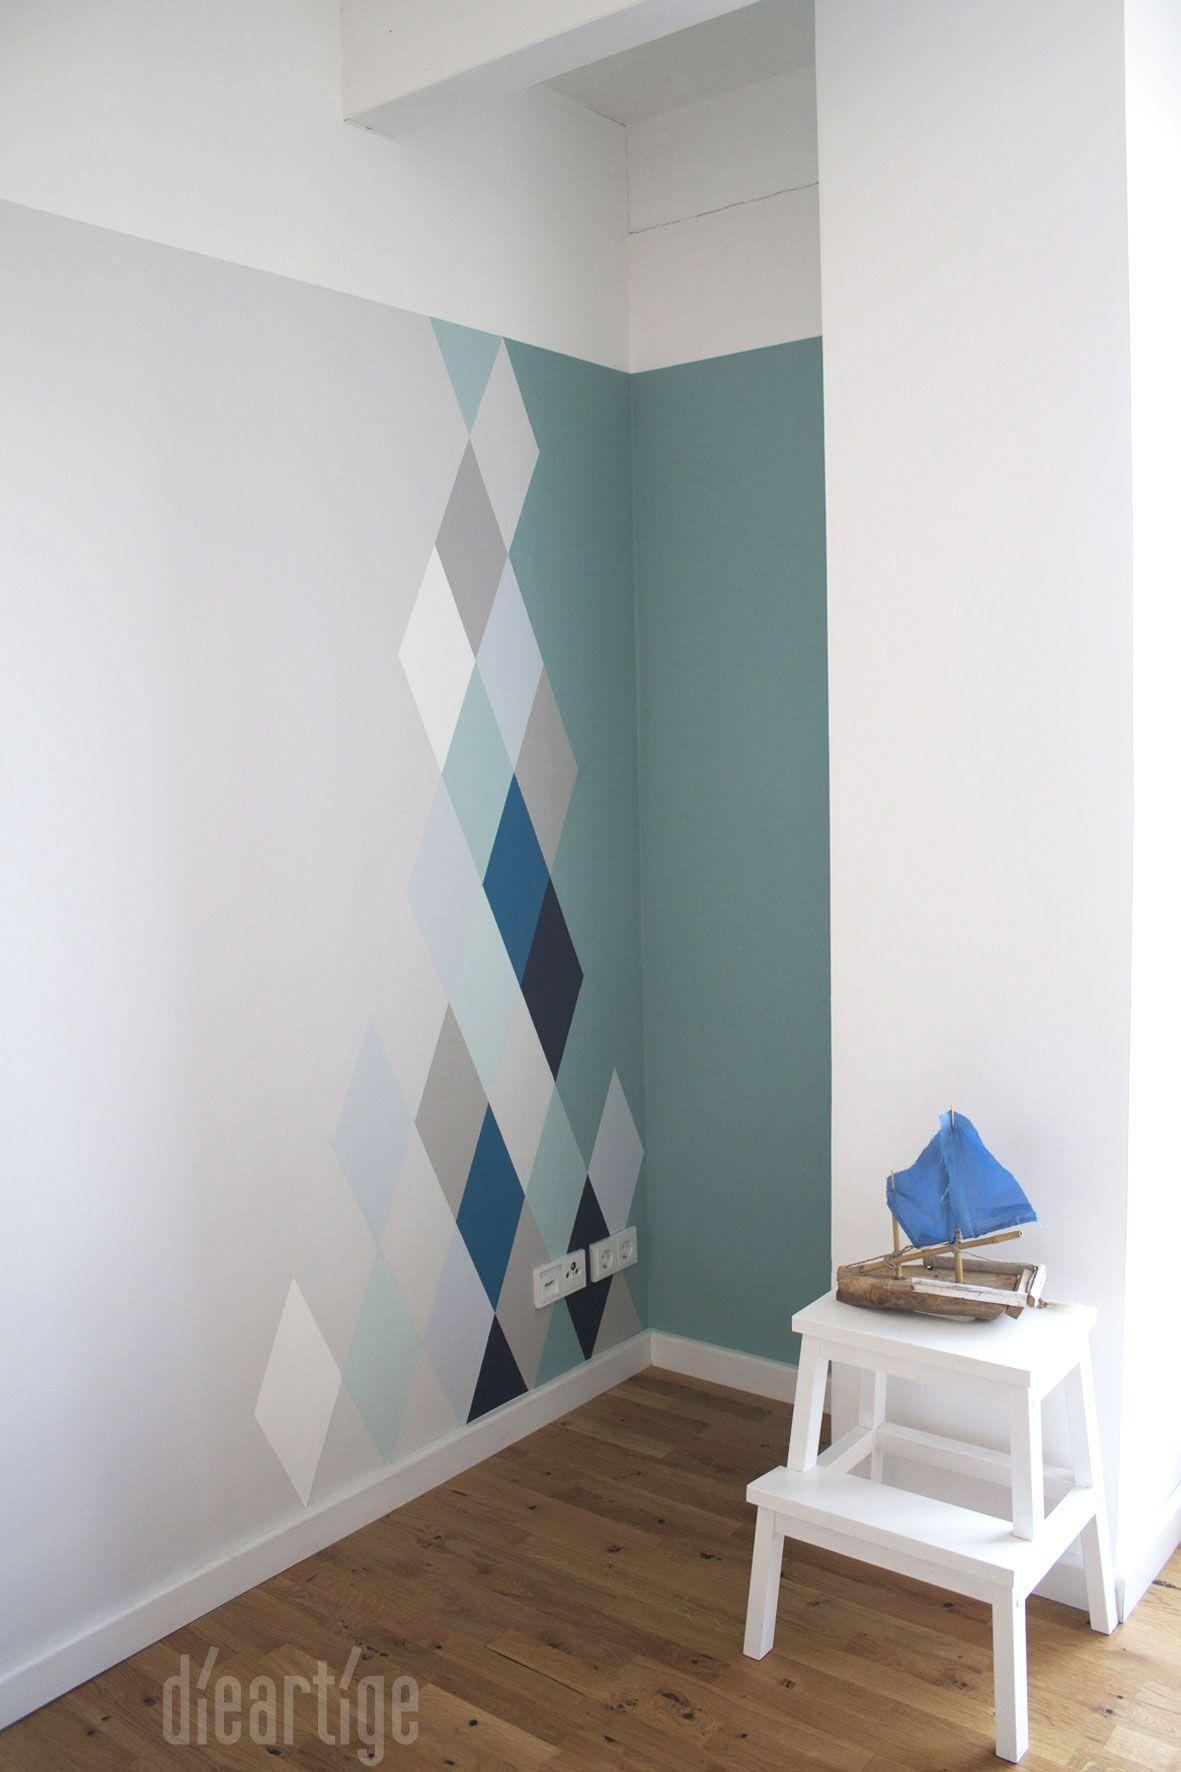 Muster Für Wände Streichen : dieartigeblog wandgestaltung rauten in blau und graut nen repinned f r gewinner jetzt ~ Indierocktalk.com Haus und Dekorationen